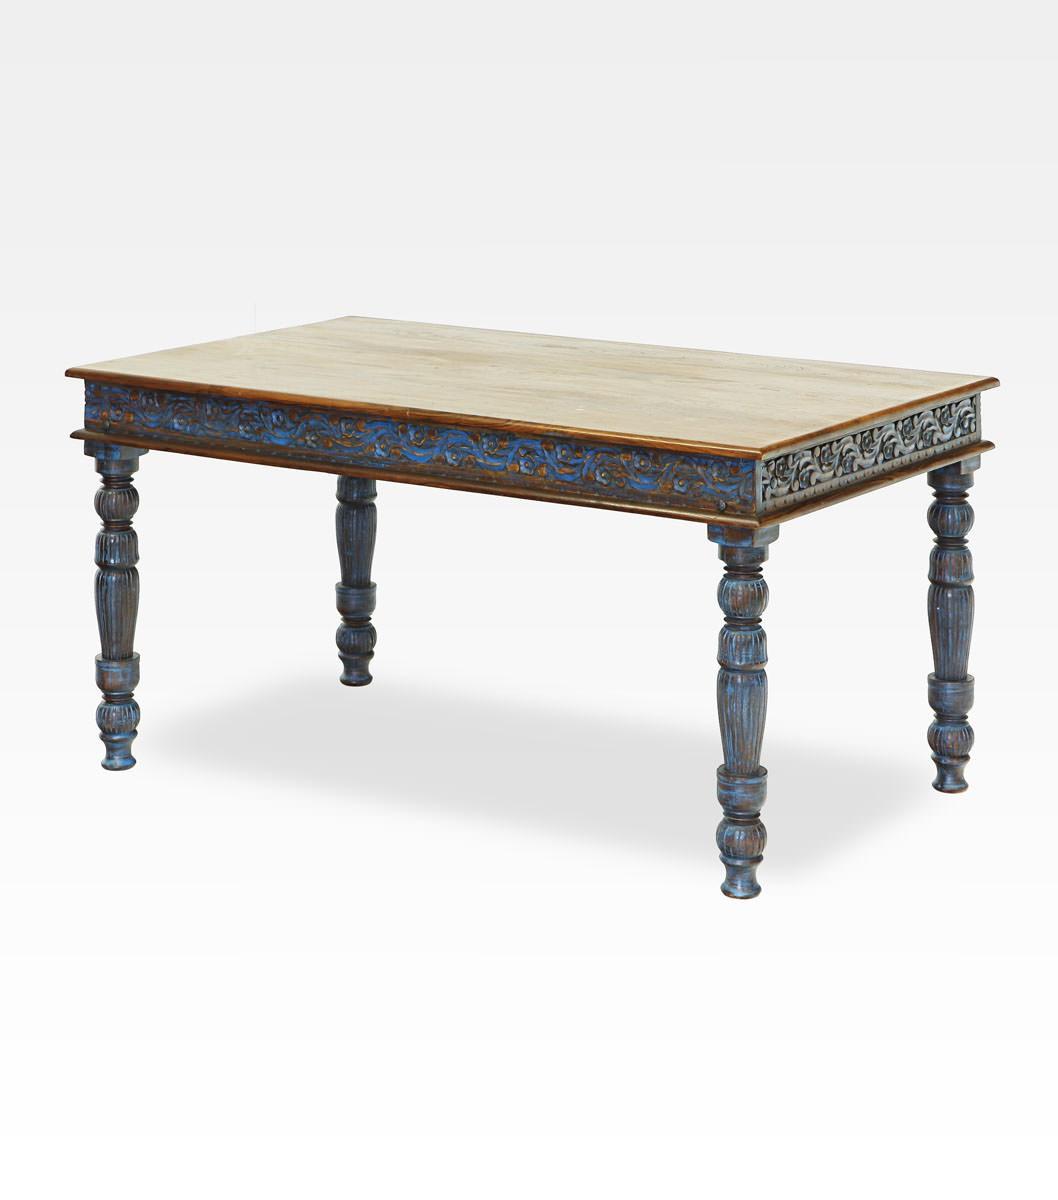 Tavolo indiano blu decapato e intagliato legno di mango 0022 0450 - Tavolo decapato ...